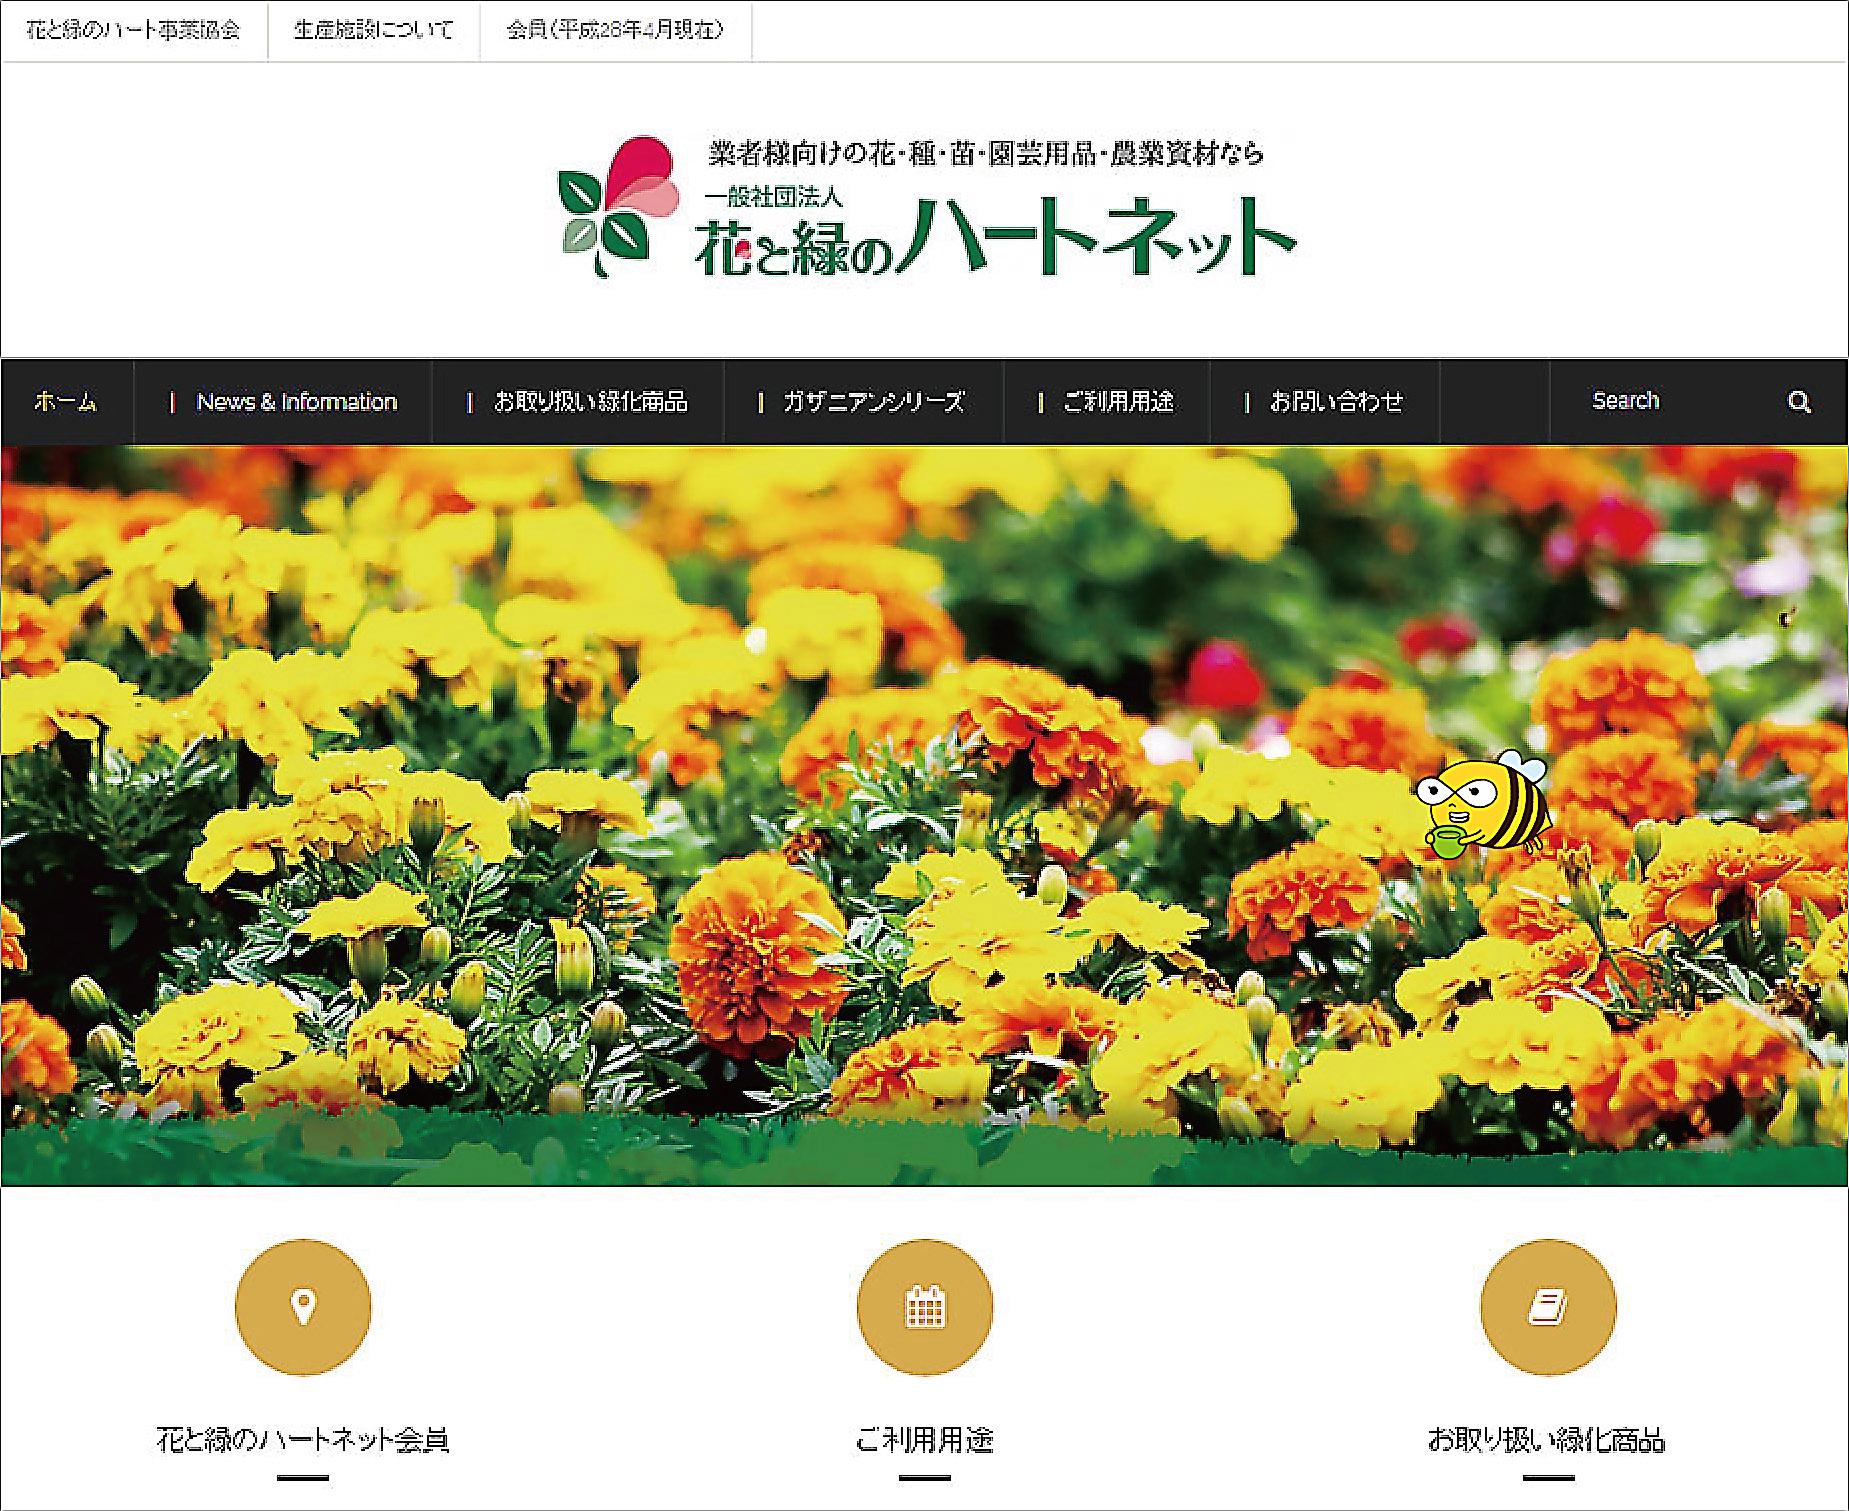 一般社団法人 花と緑のハート事業協会